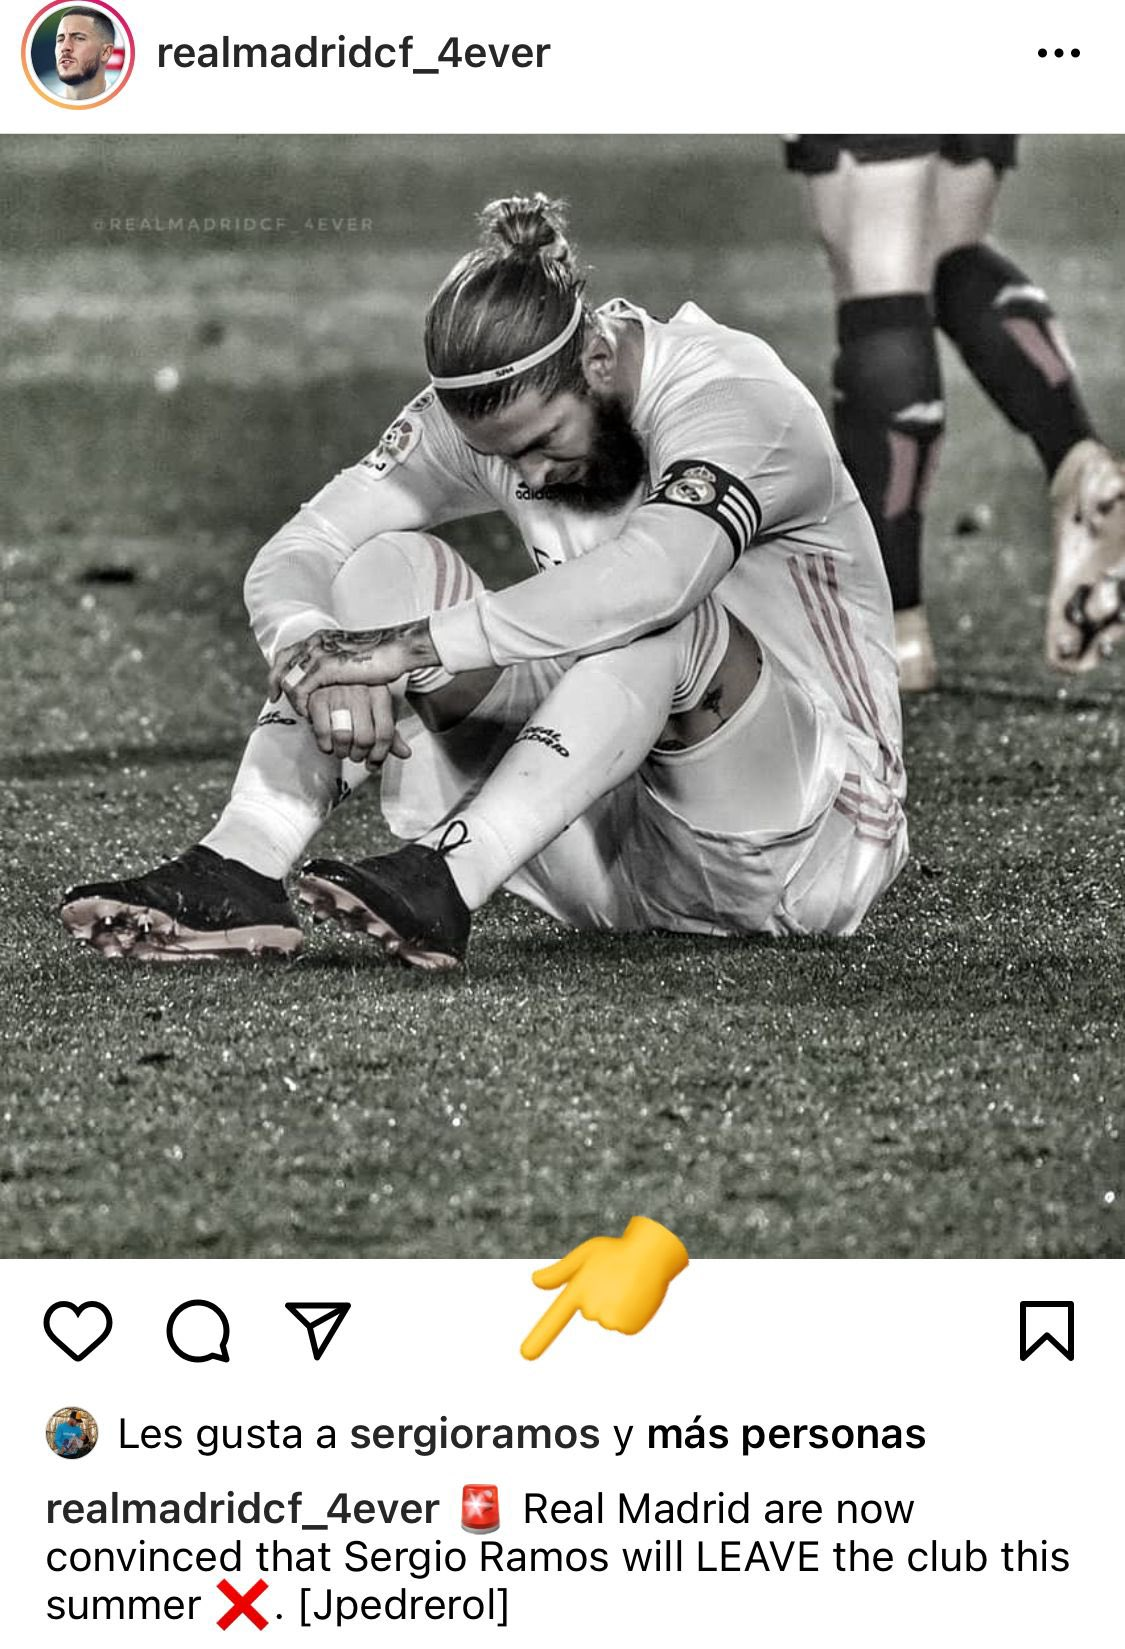 真的留不住了?拉莫斯Instagram点赞自己离队的新闻